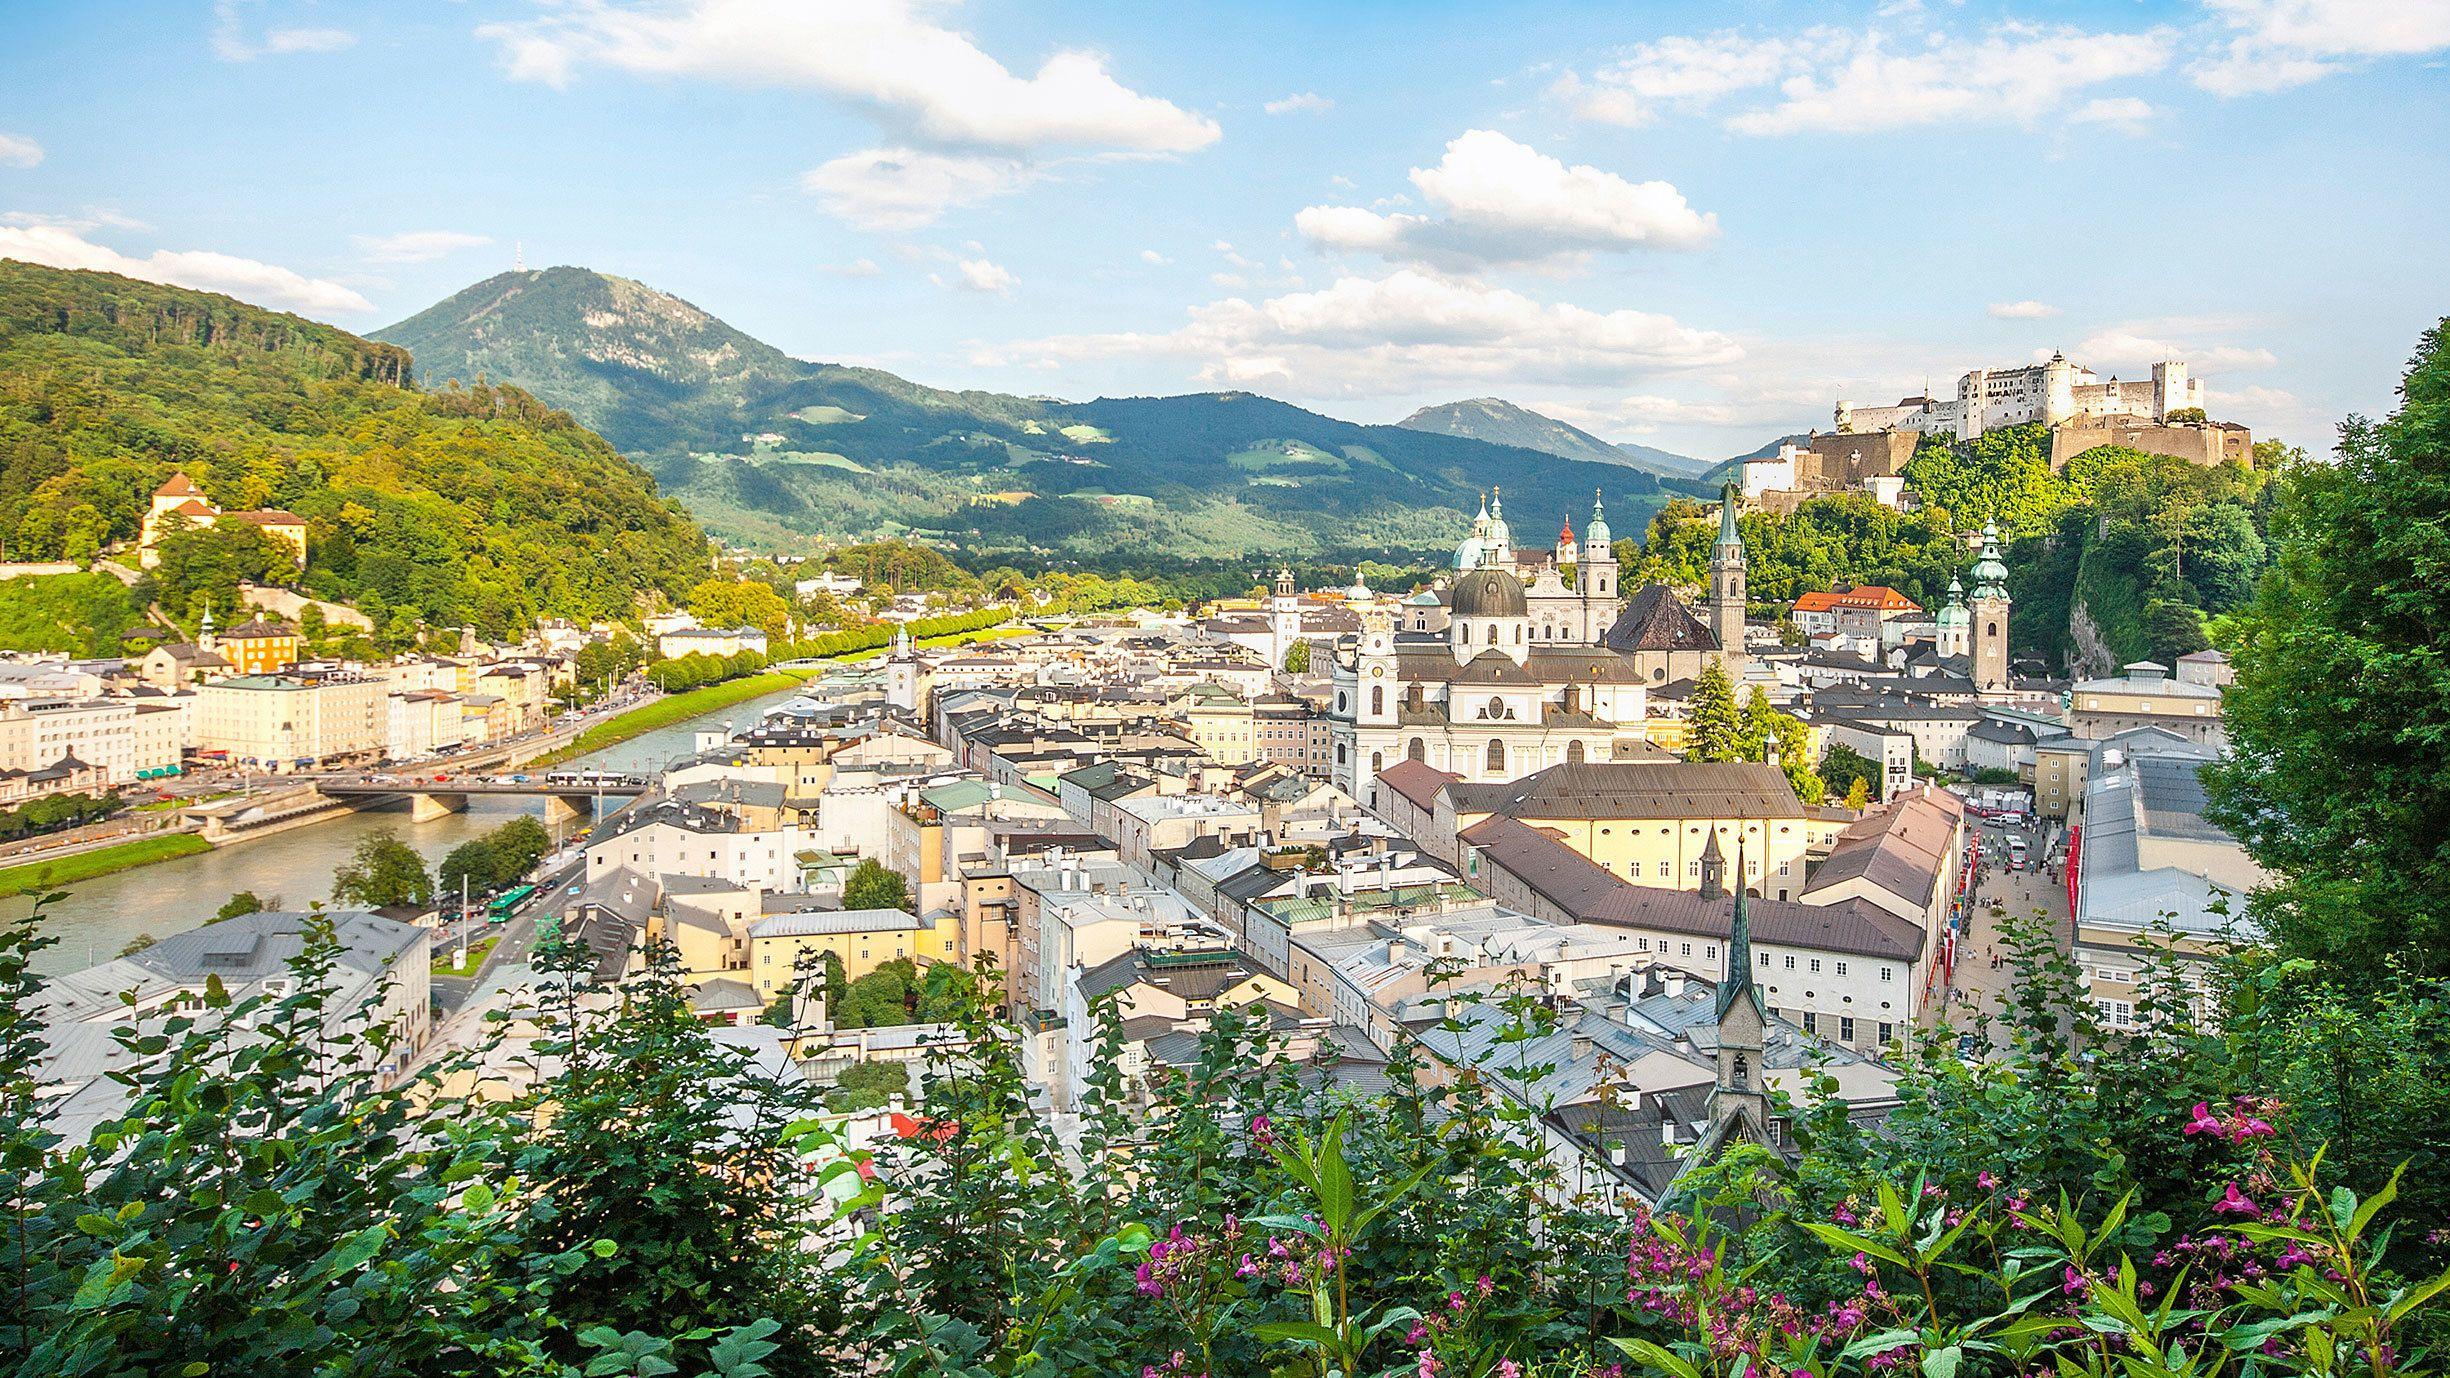 Salzburg Day Trip by Train